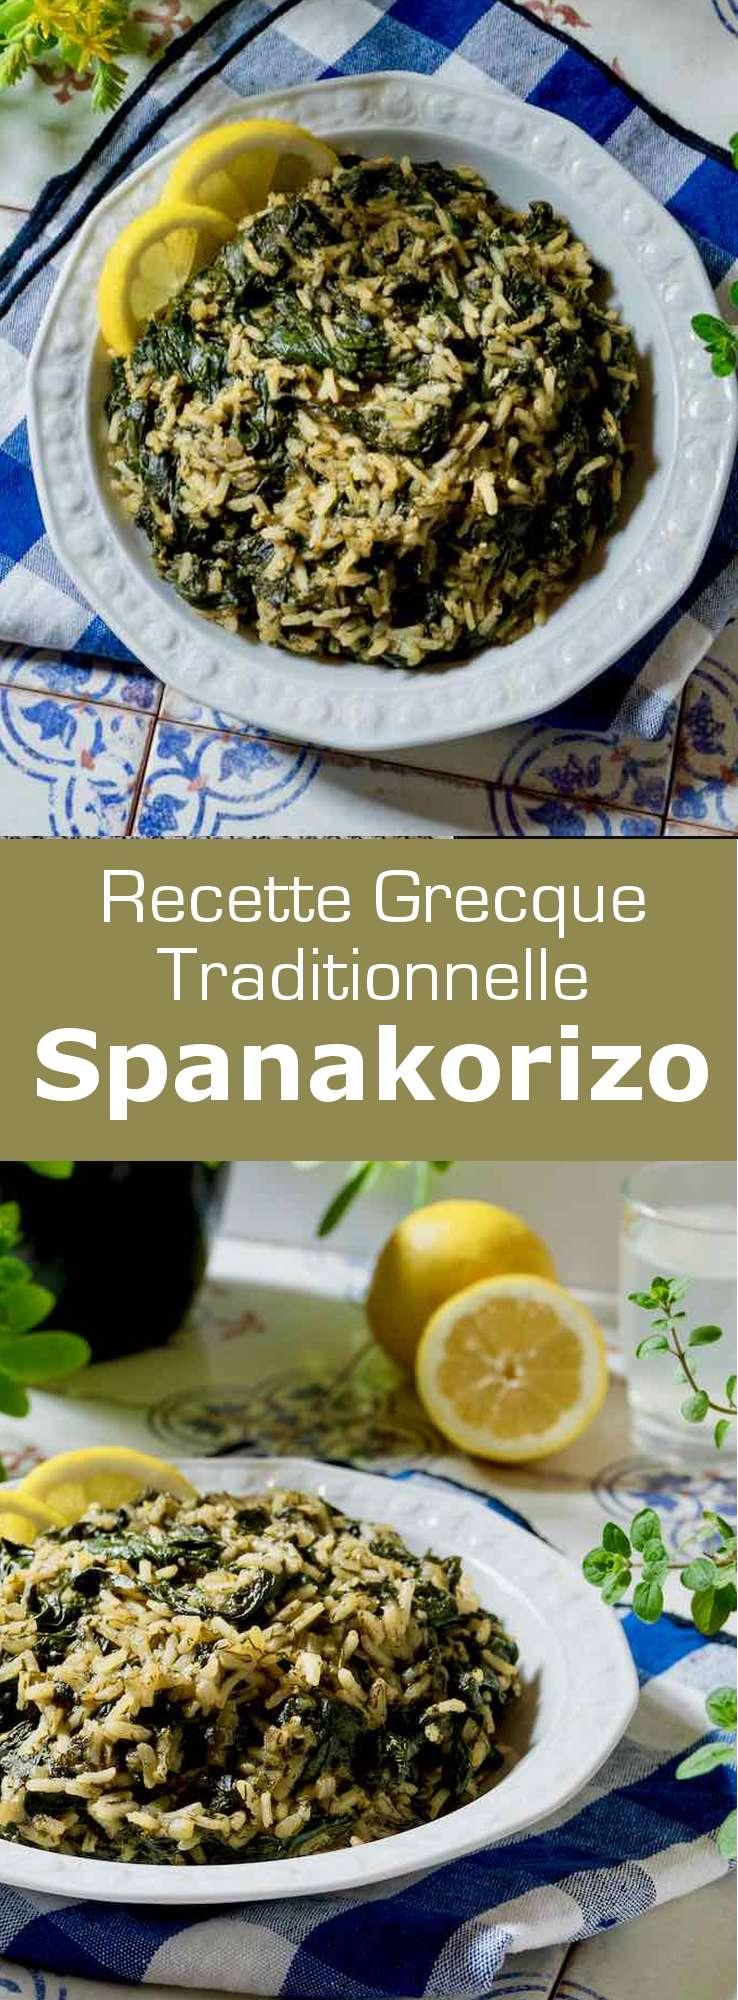 Le spanakorizo (σπανακόρυζο) est un plat végétarien populaire grec à base d'épinards et de riz, la version grecque du riz pilaf. #Grece #RecetteGrecque #CuisineGrecque #CuisineMediterraneenne #CuisineDuMonde #196flavors